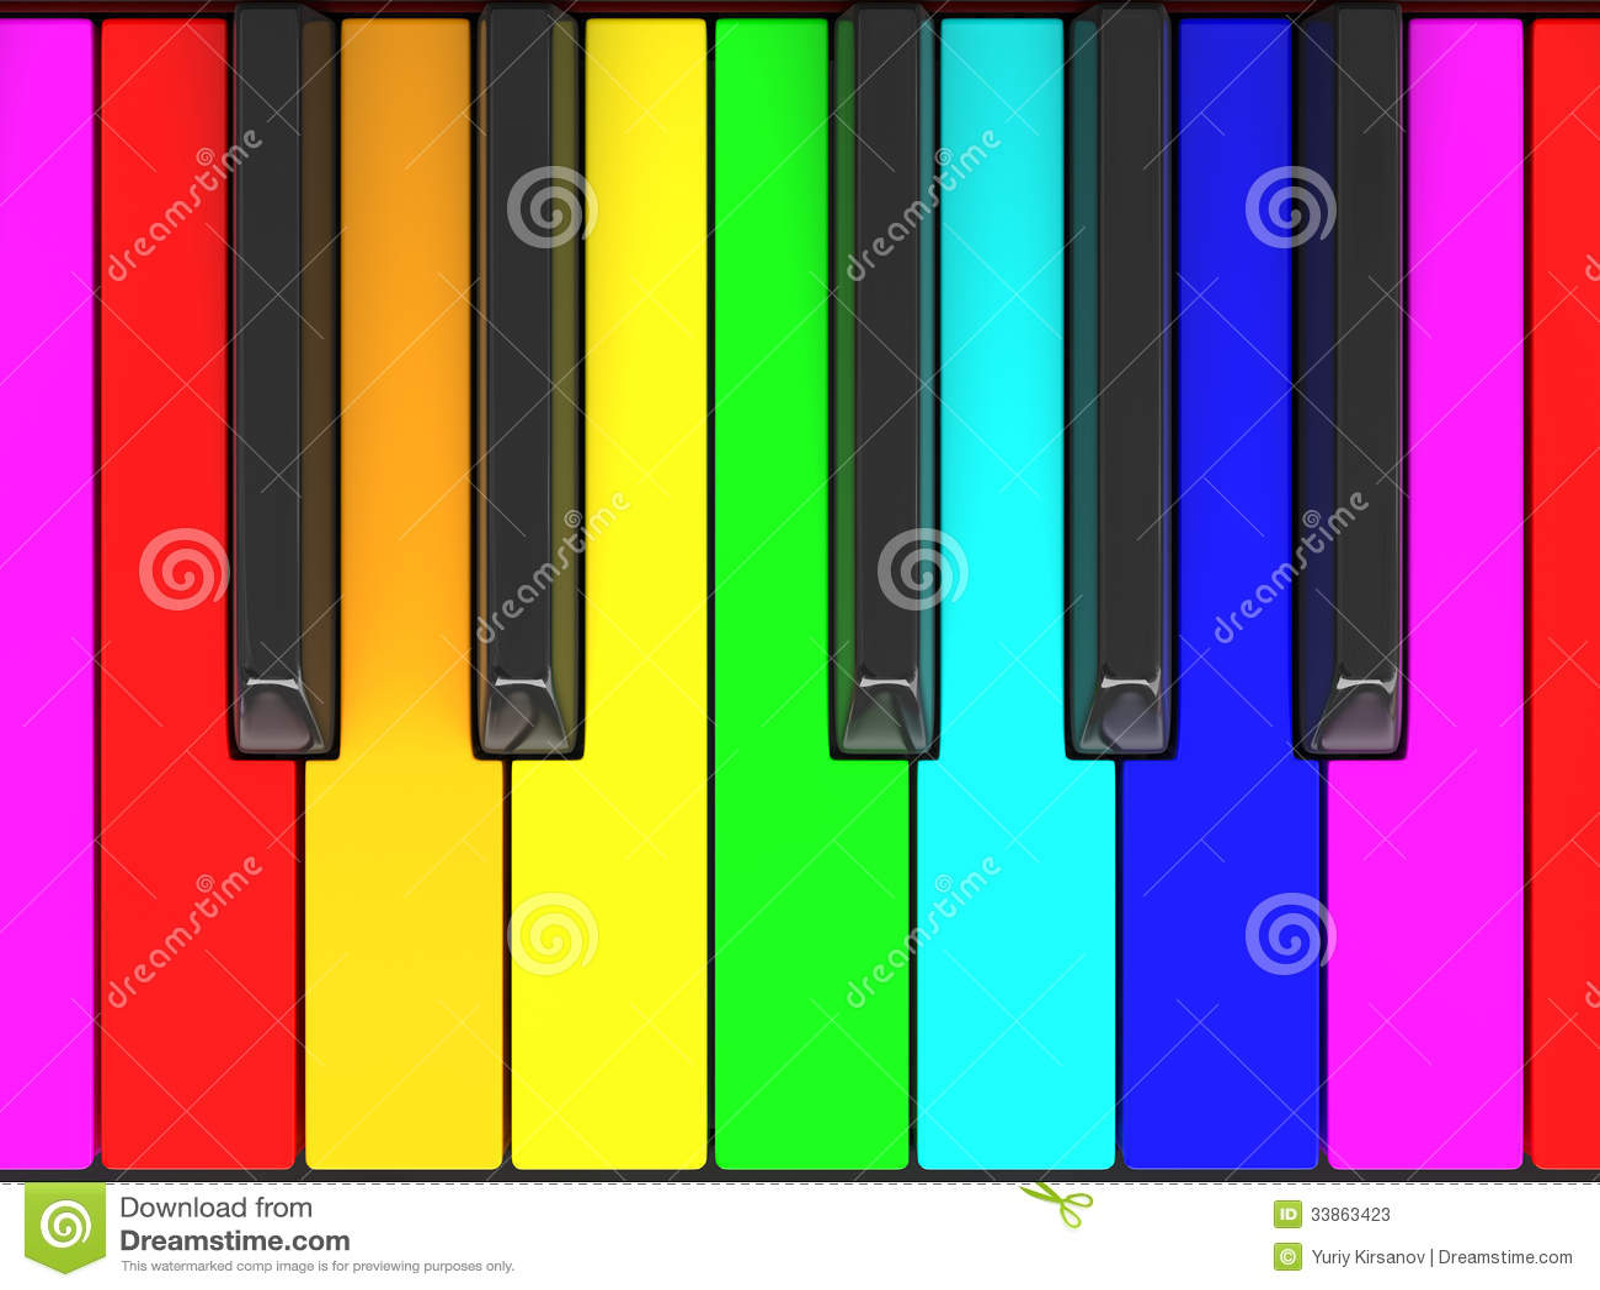 Piano keys coloring page